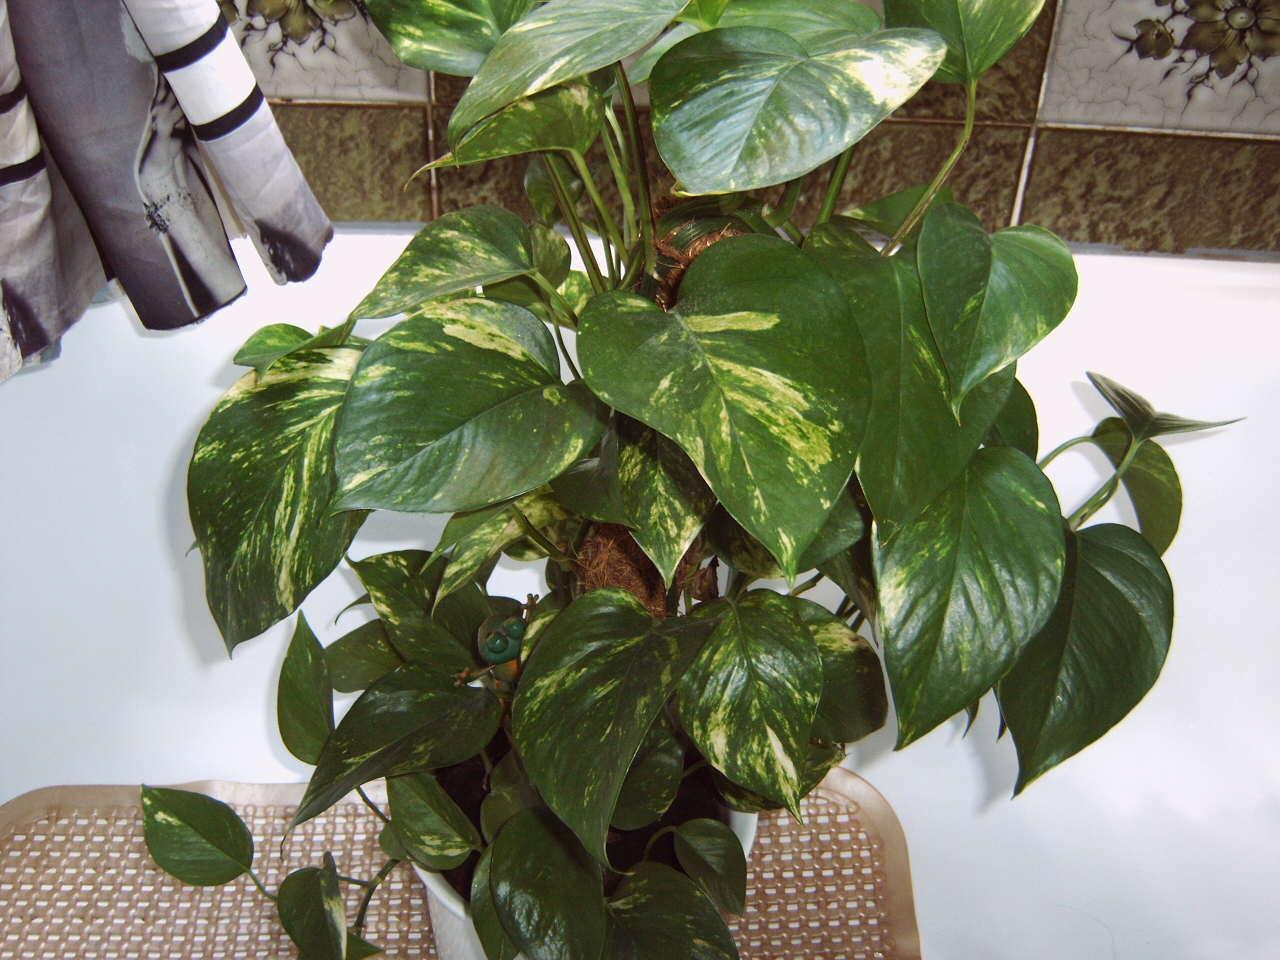 Kennt jemand diese Pflanze und ist sie fr Katzen giftig Garten Name der Pflanze